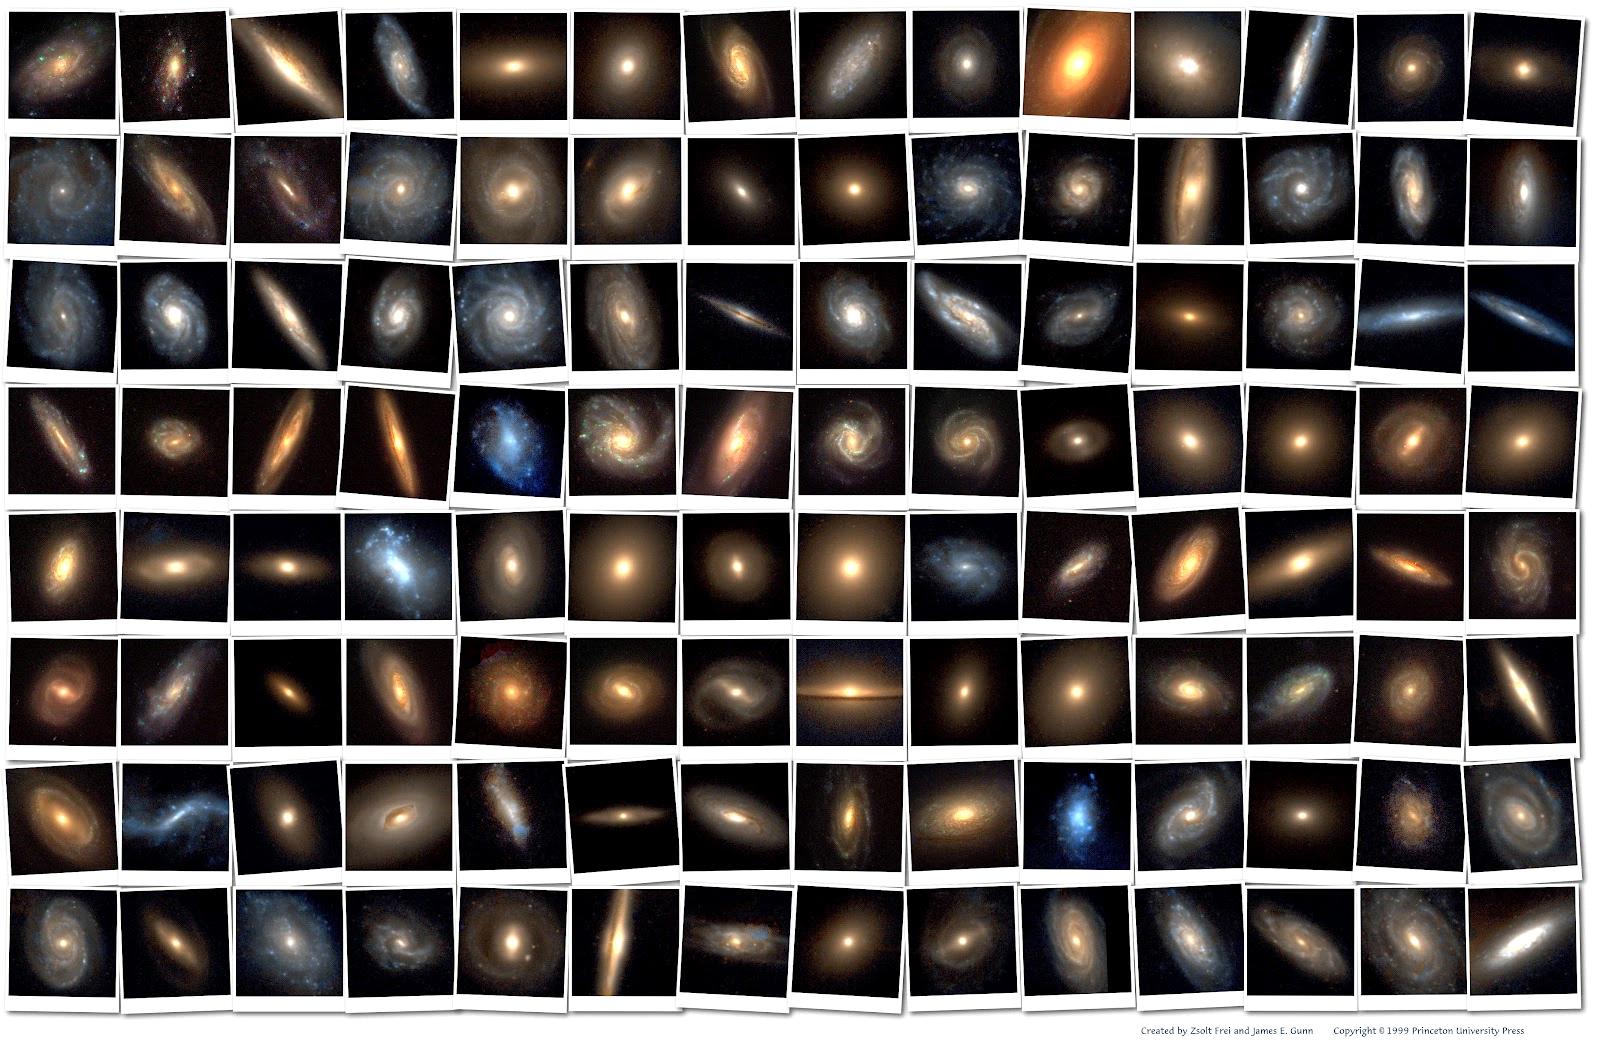 أنواع المجرات الموجودة بالكون (The Alien Galaxies)